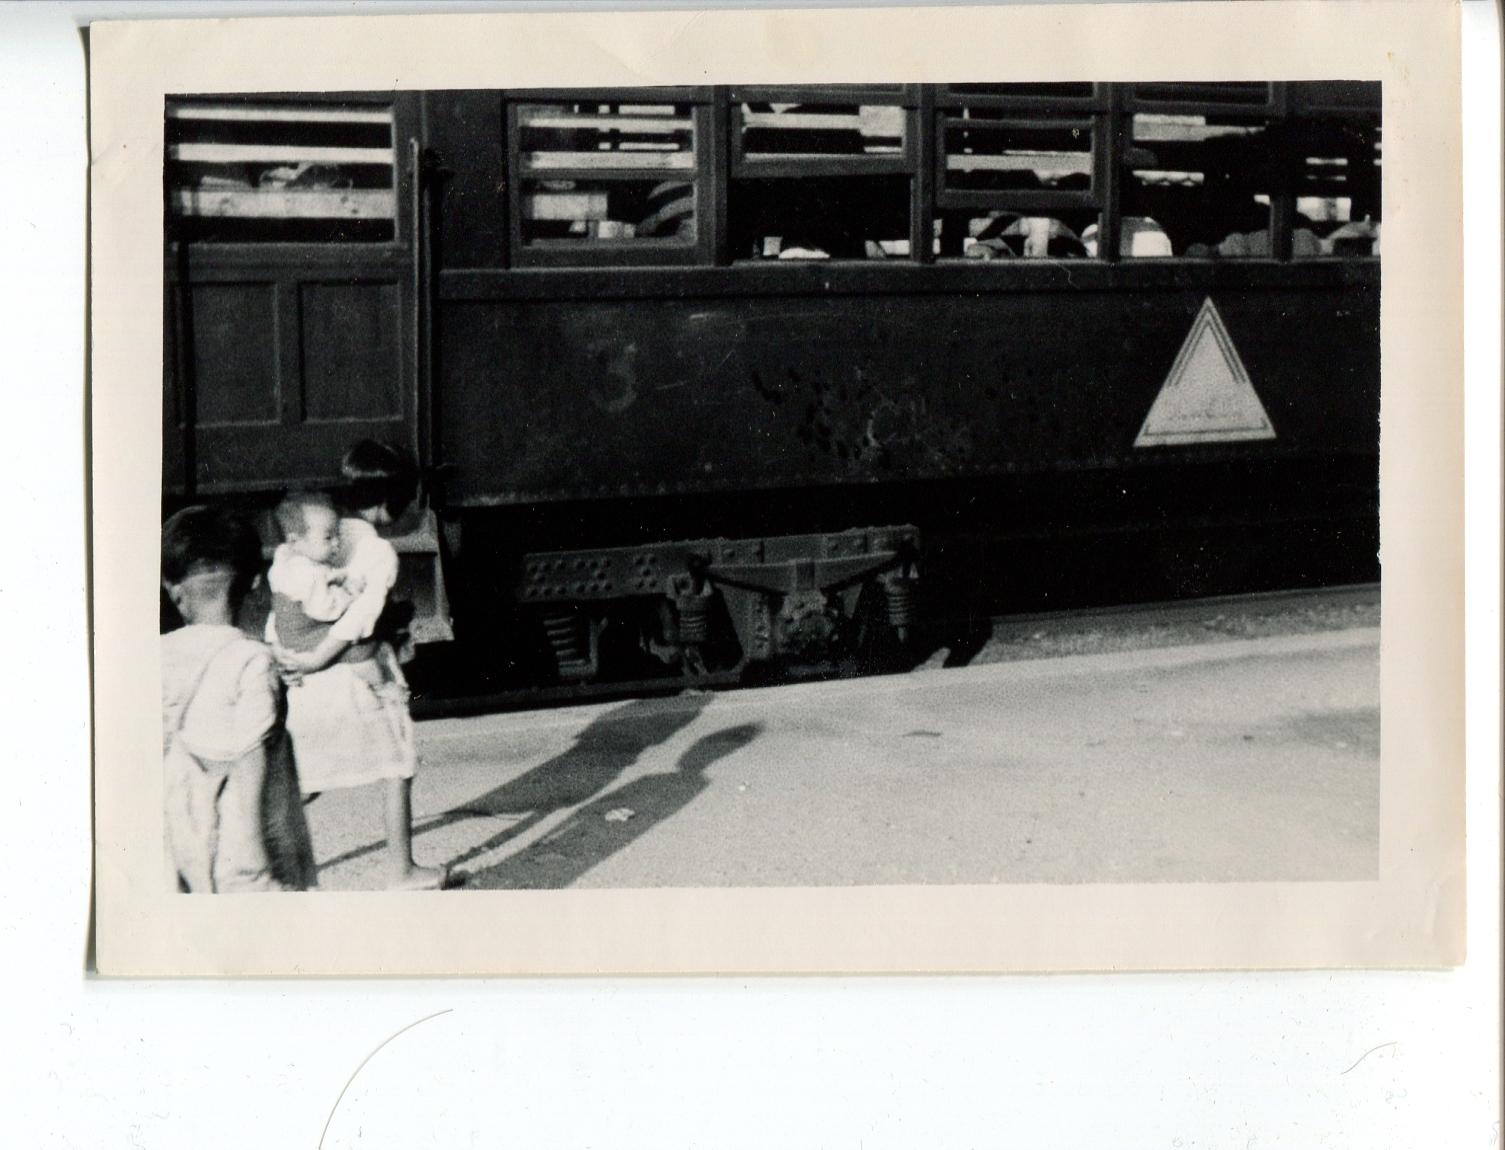 kron176